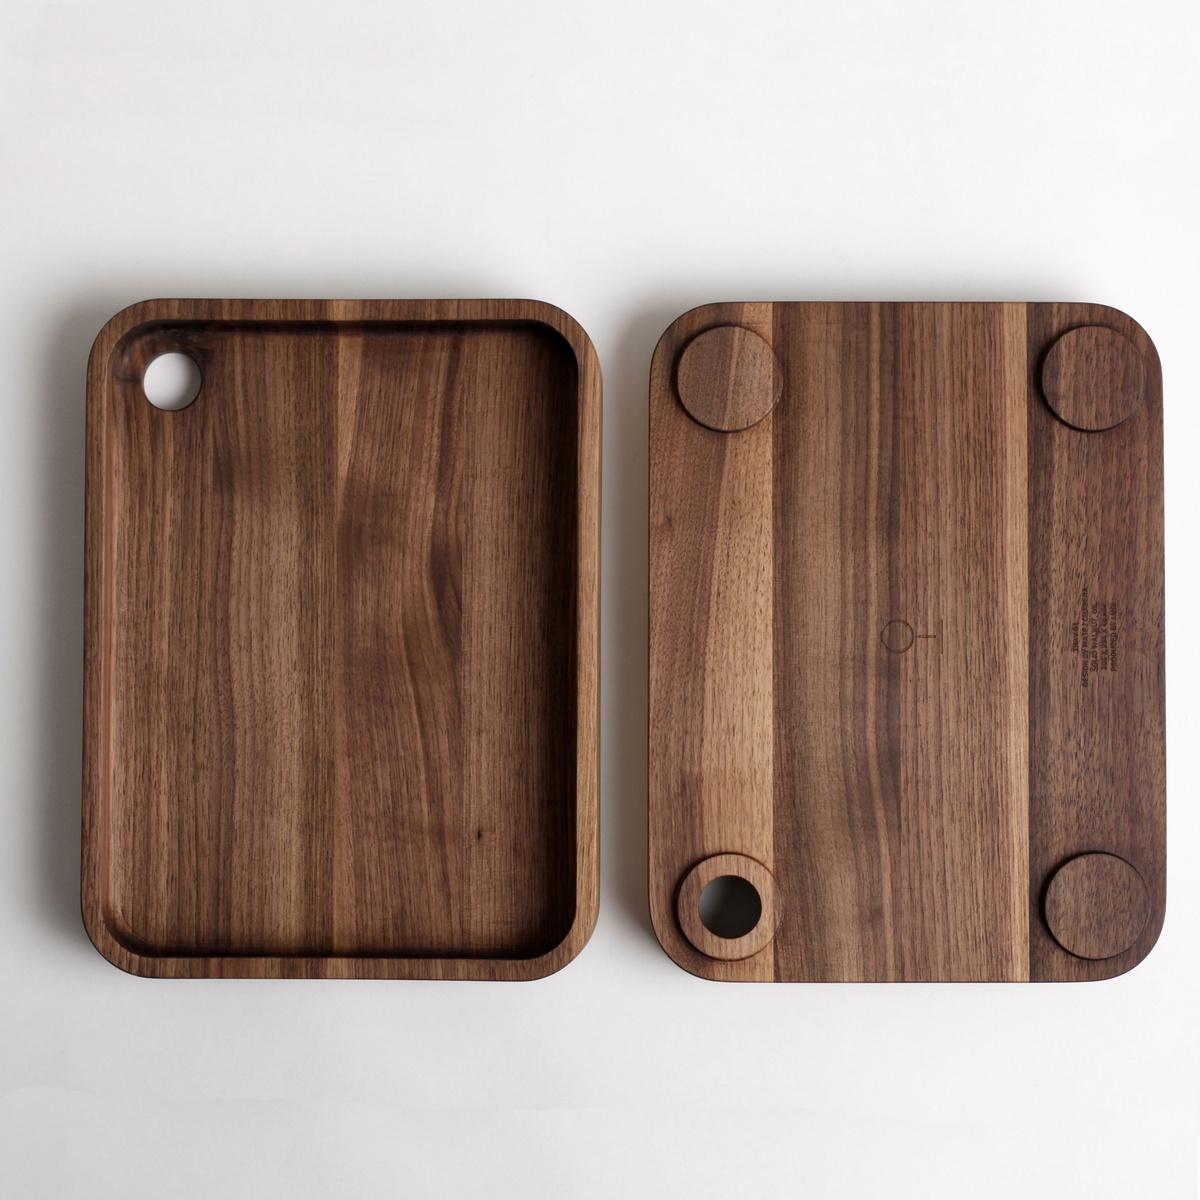 LUGI dřevěný Tác 01 30,5 x 23,4 cm, americký ořech